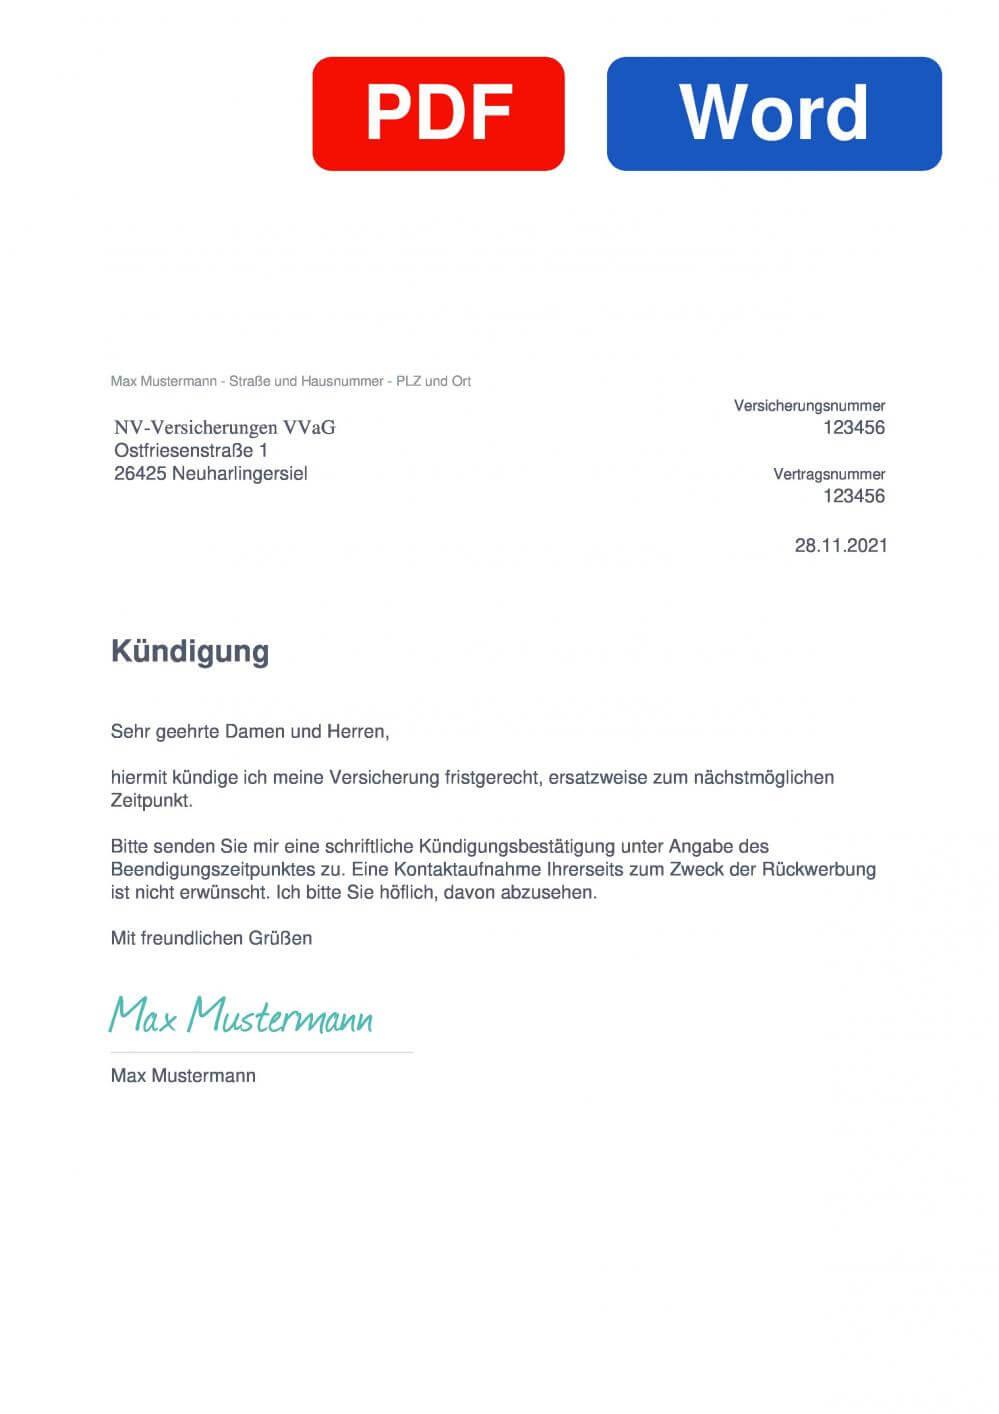 NV Versicherung Muster Vorlage für Kündigungsschreiben